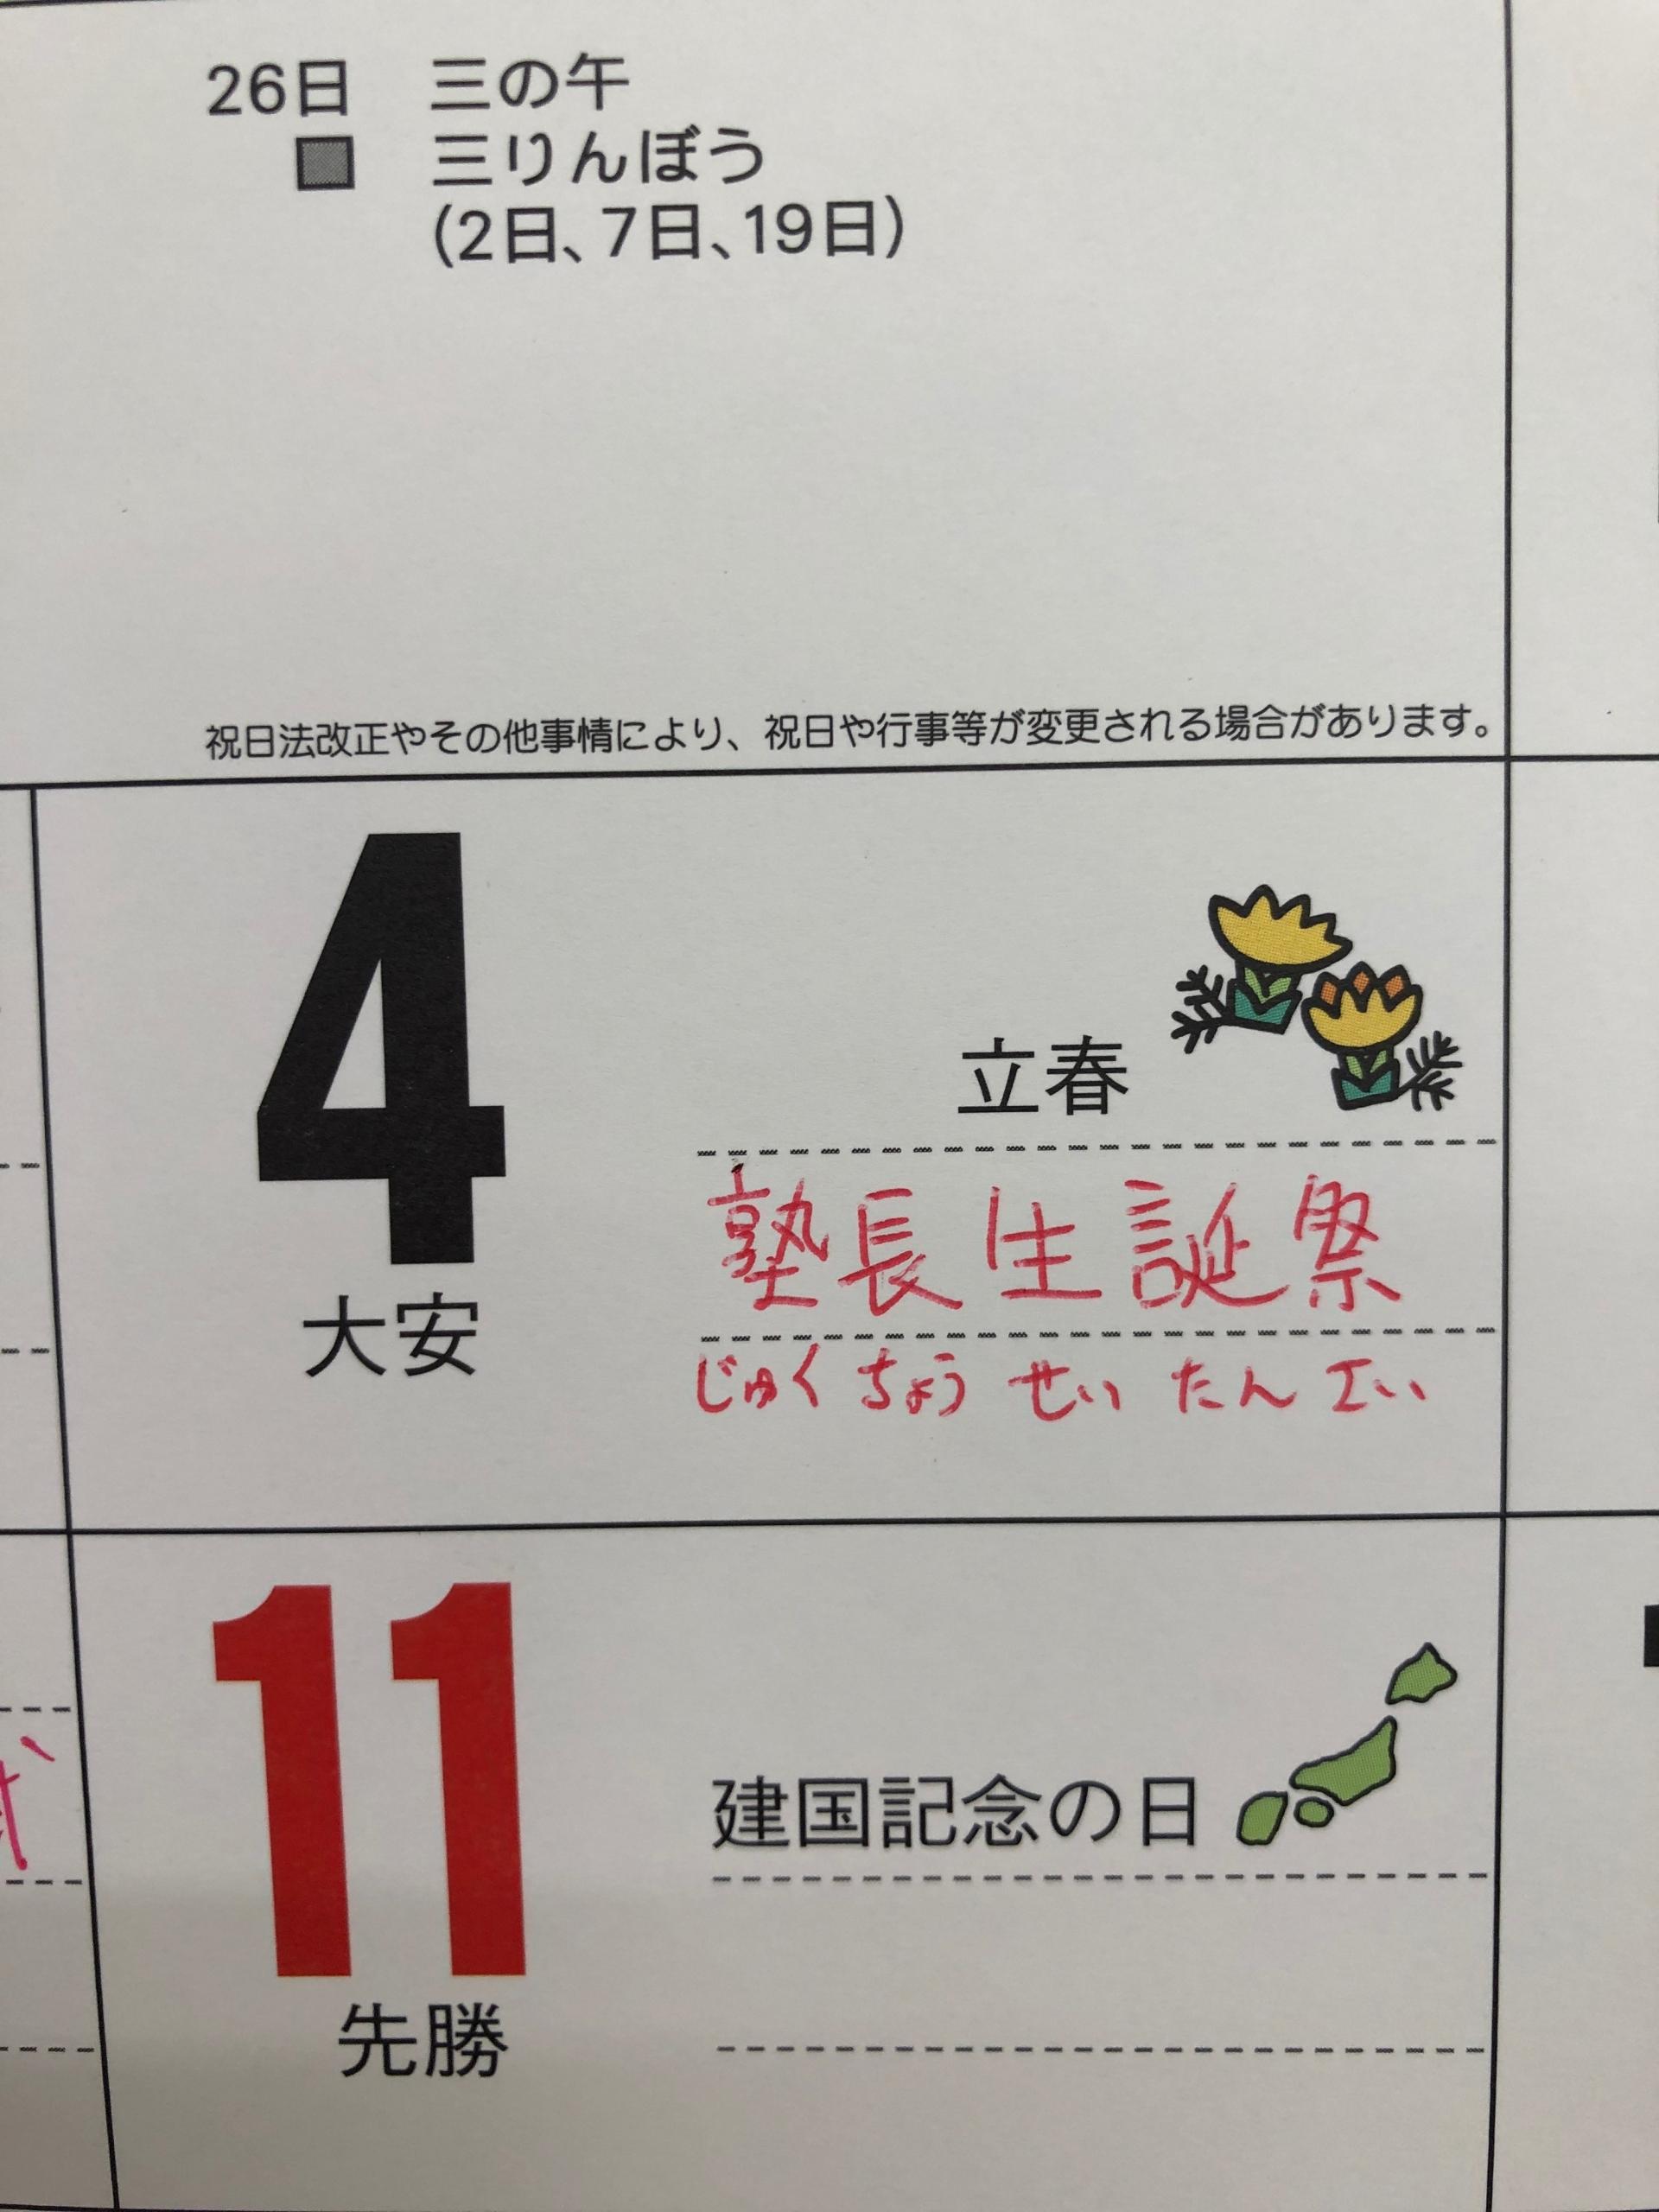 2月4日のカレンダー